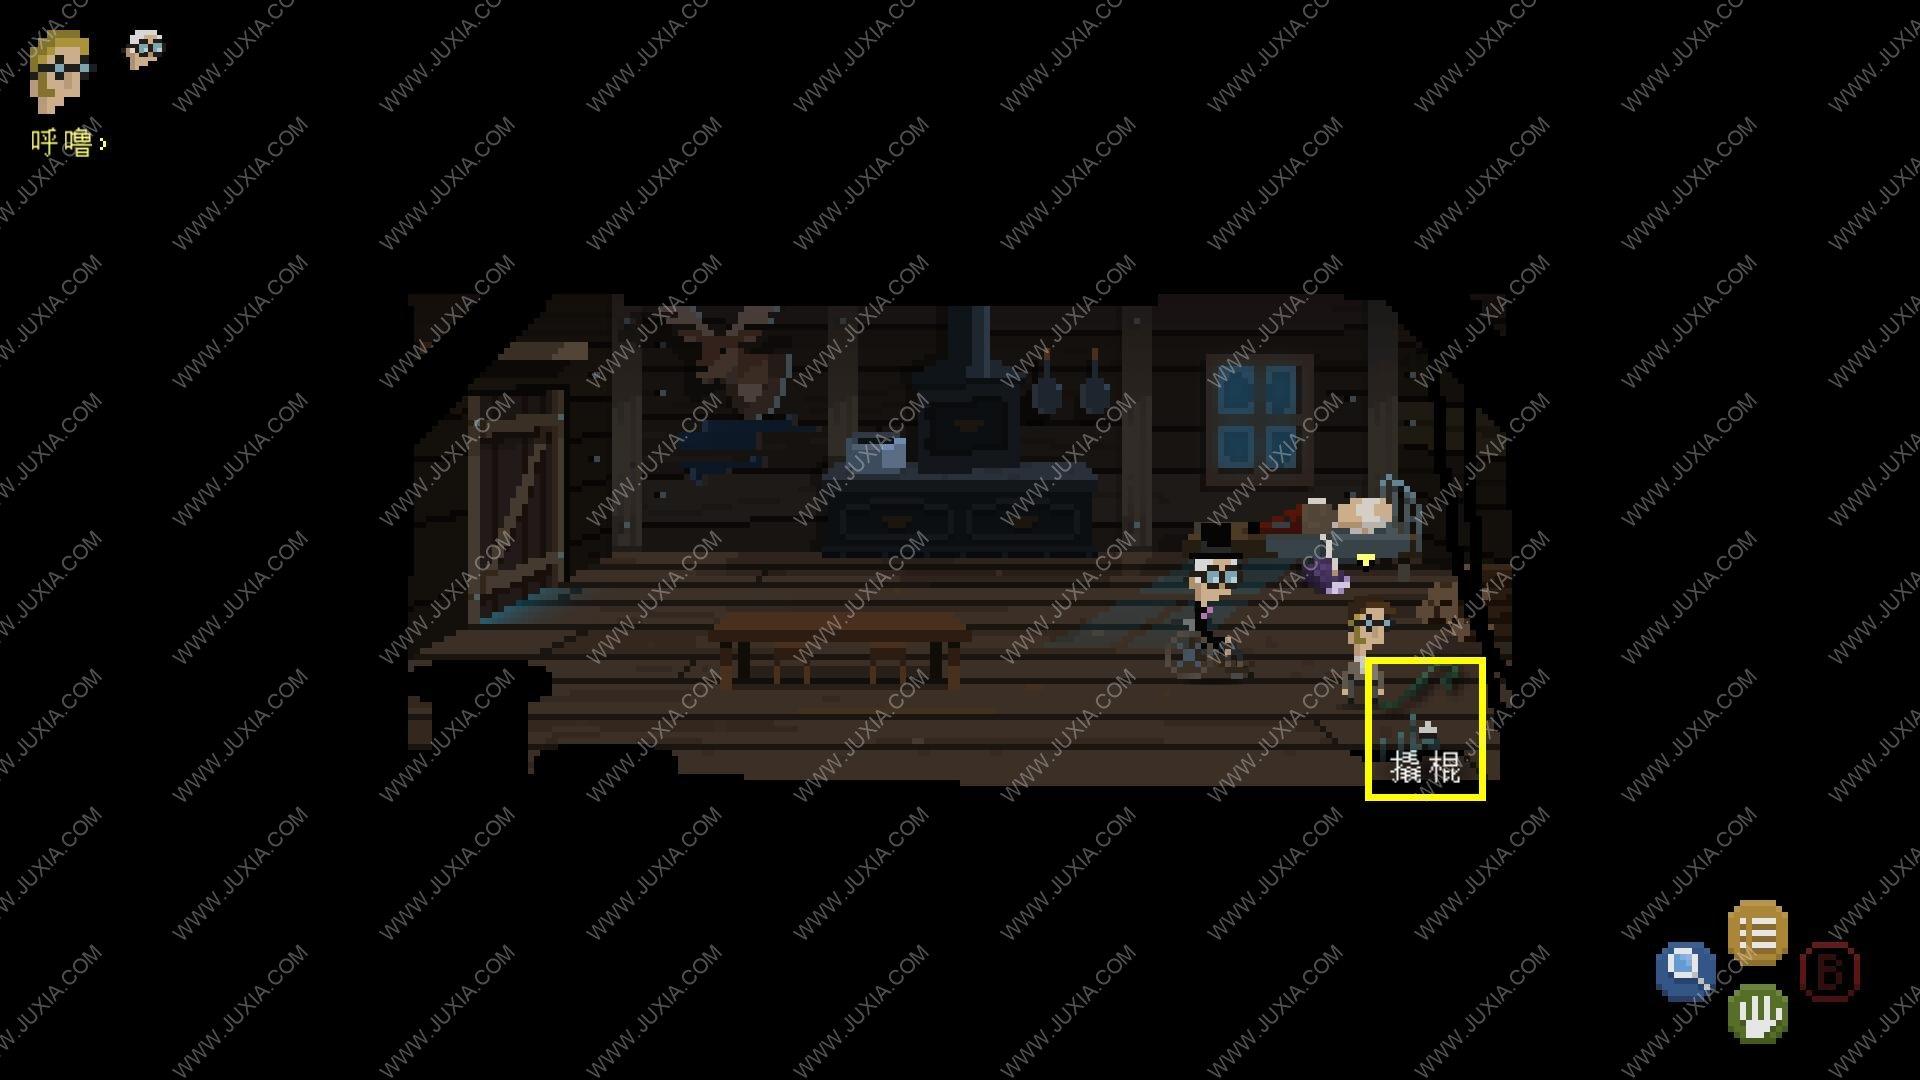 九巫家破人亡攻略第三章硬币怎么获得 NineWitches游攻略钥匙在哪里